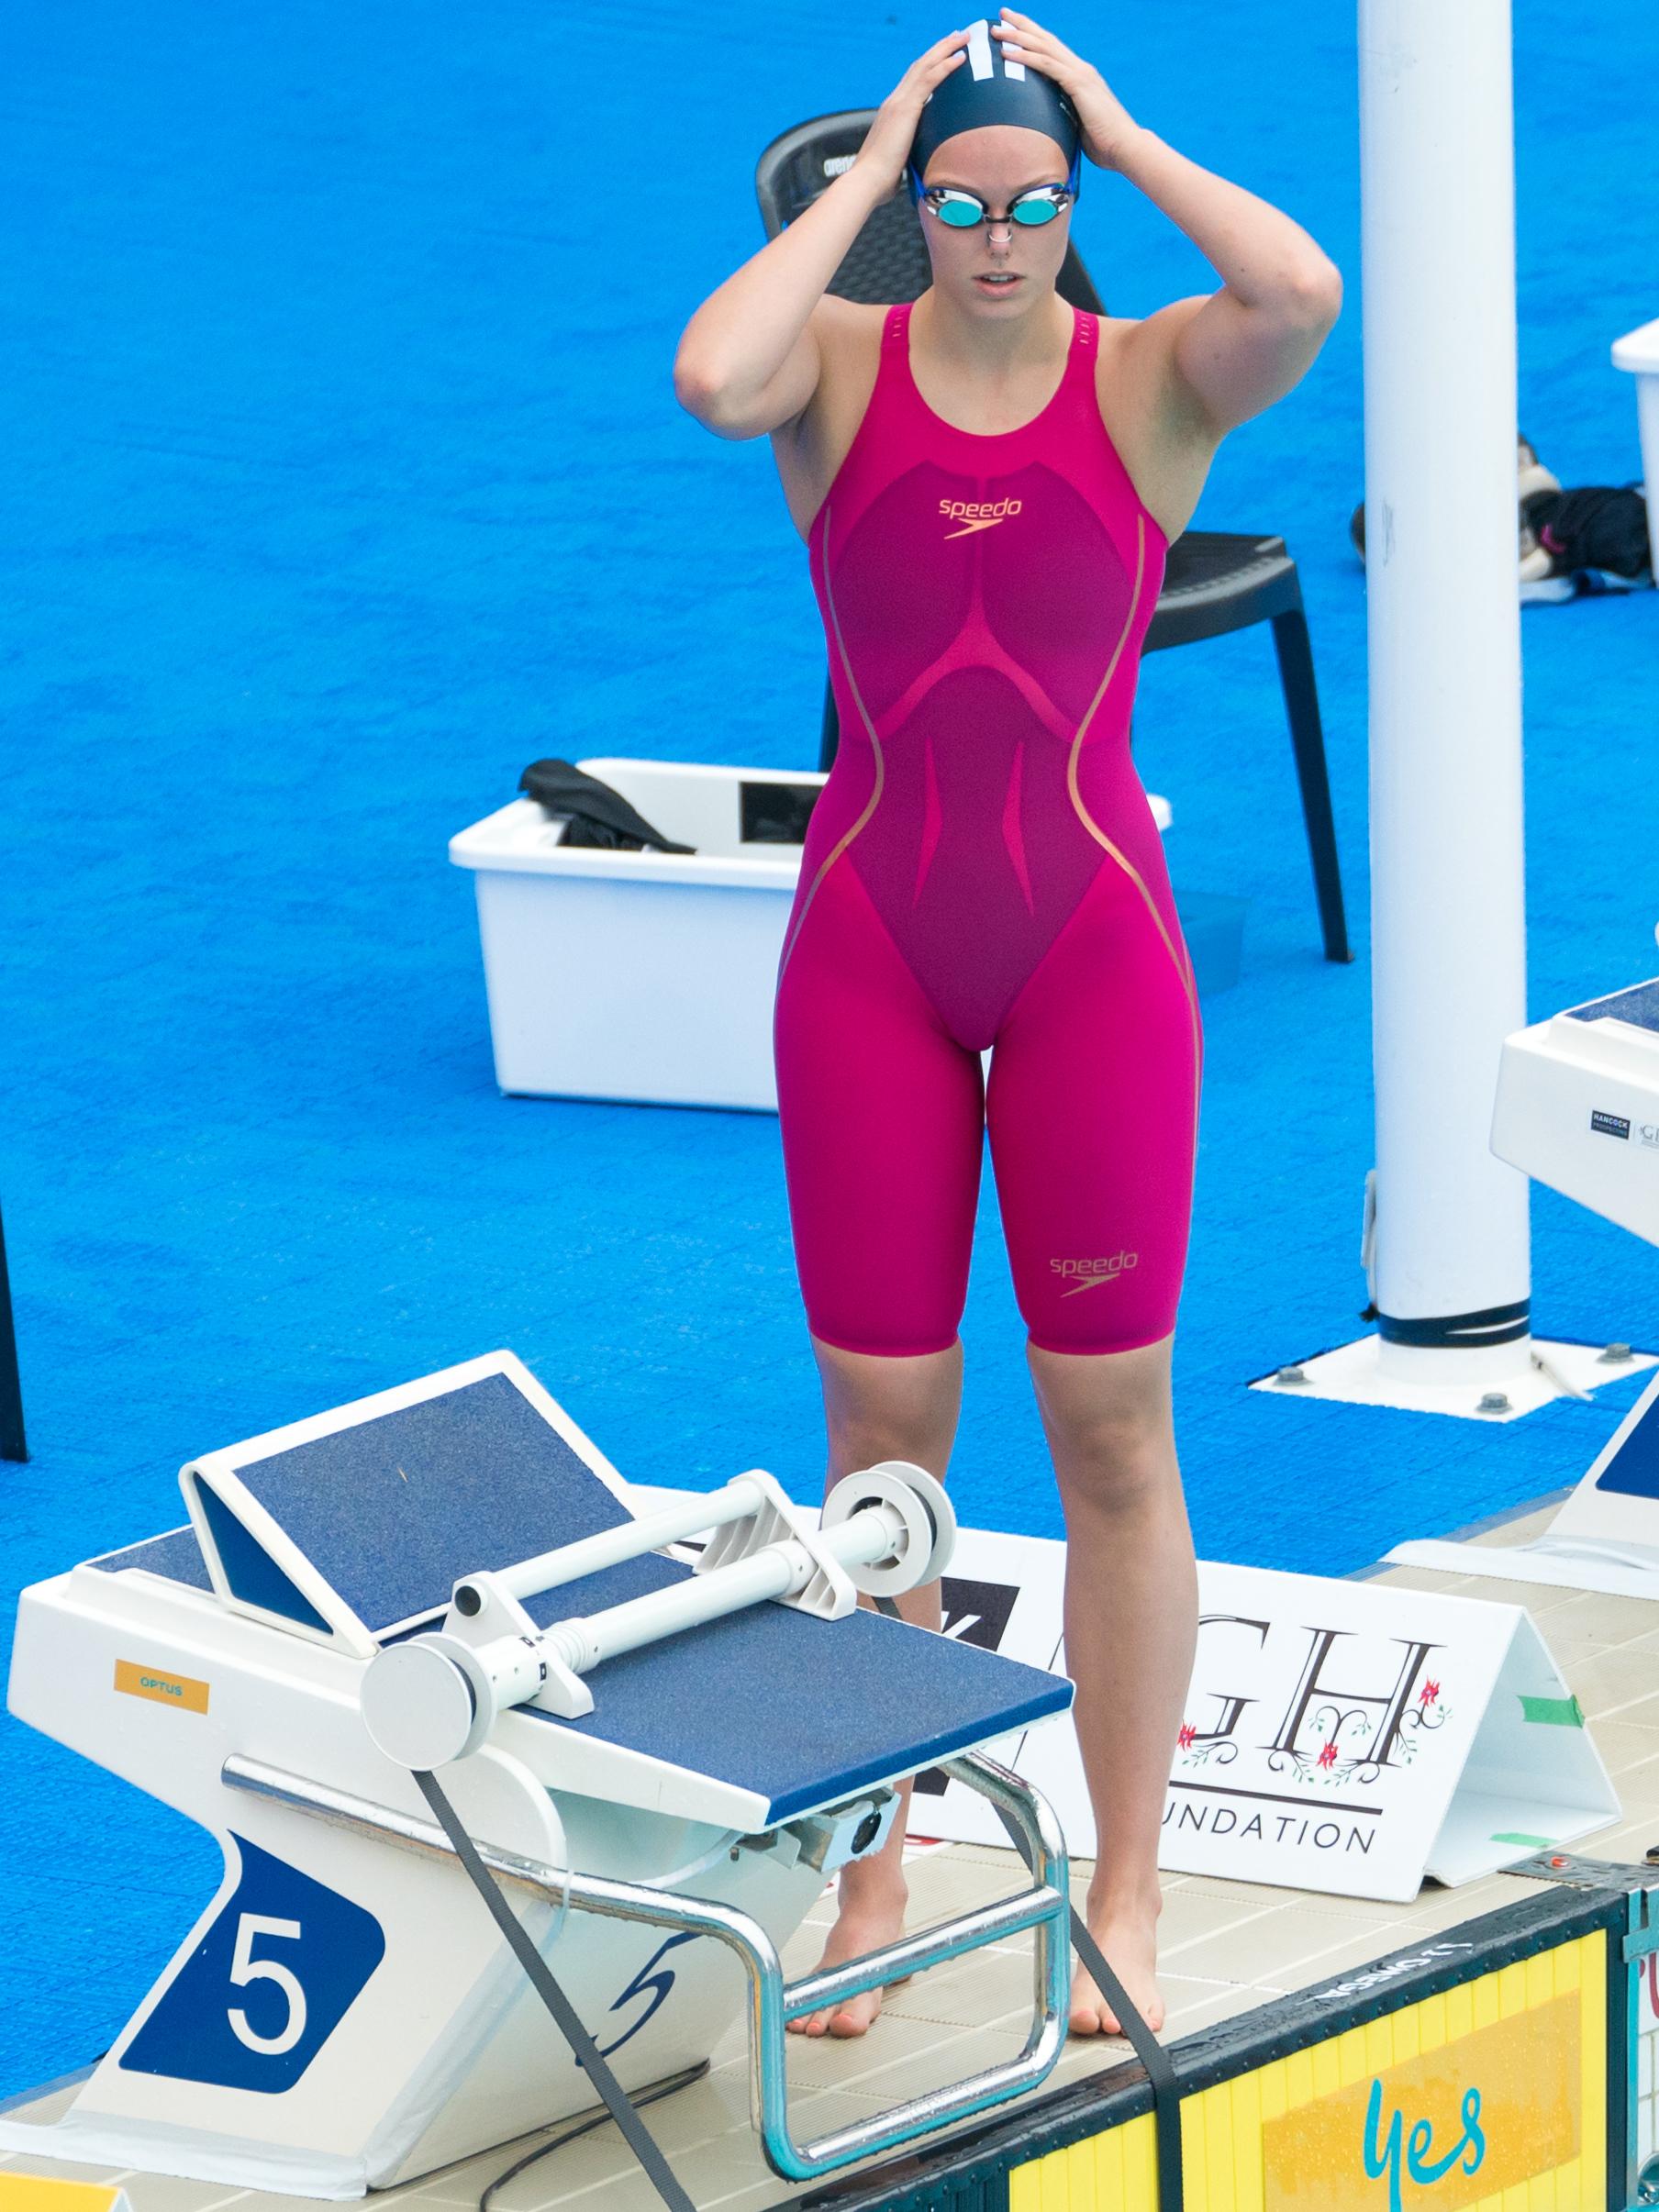 20180302-_DSC5997Minna Swimming 2018 Aust Champs ComGames trials